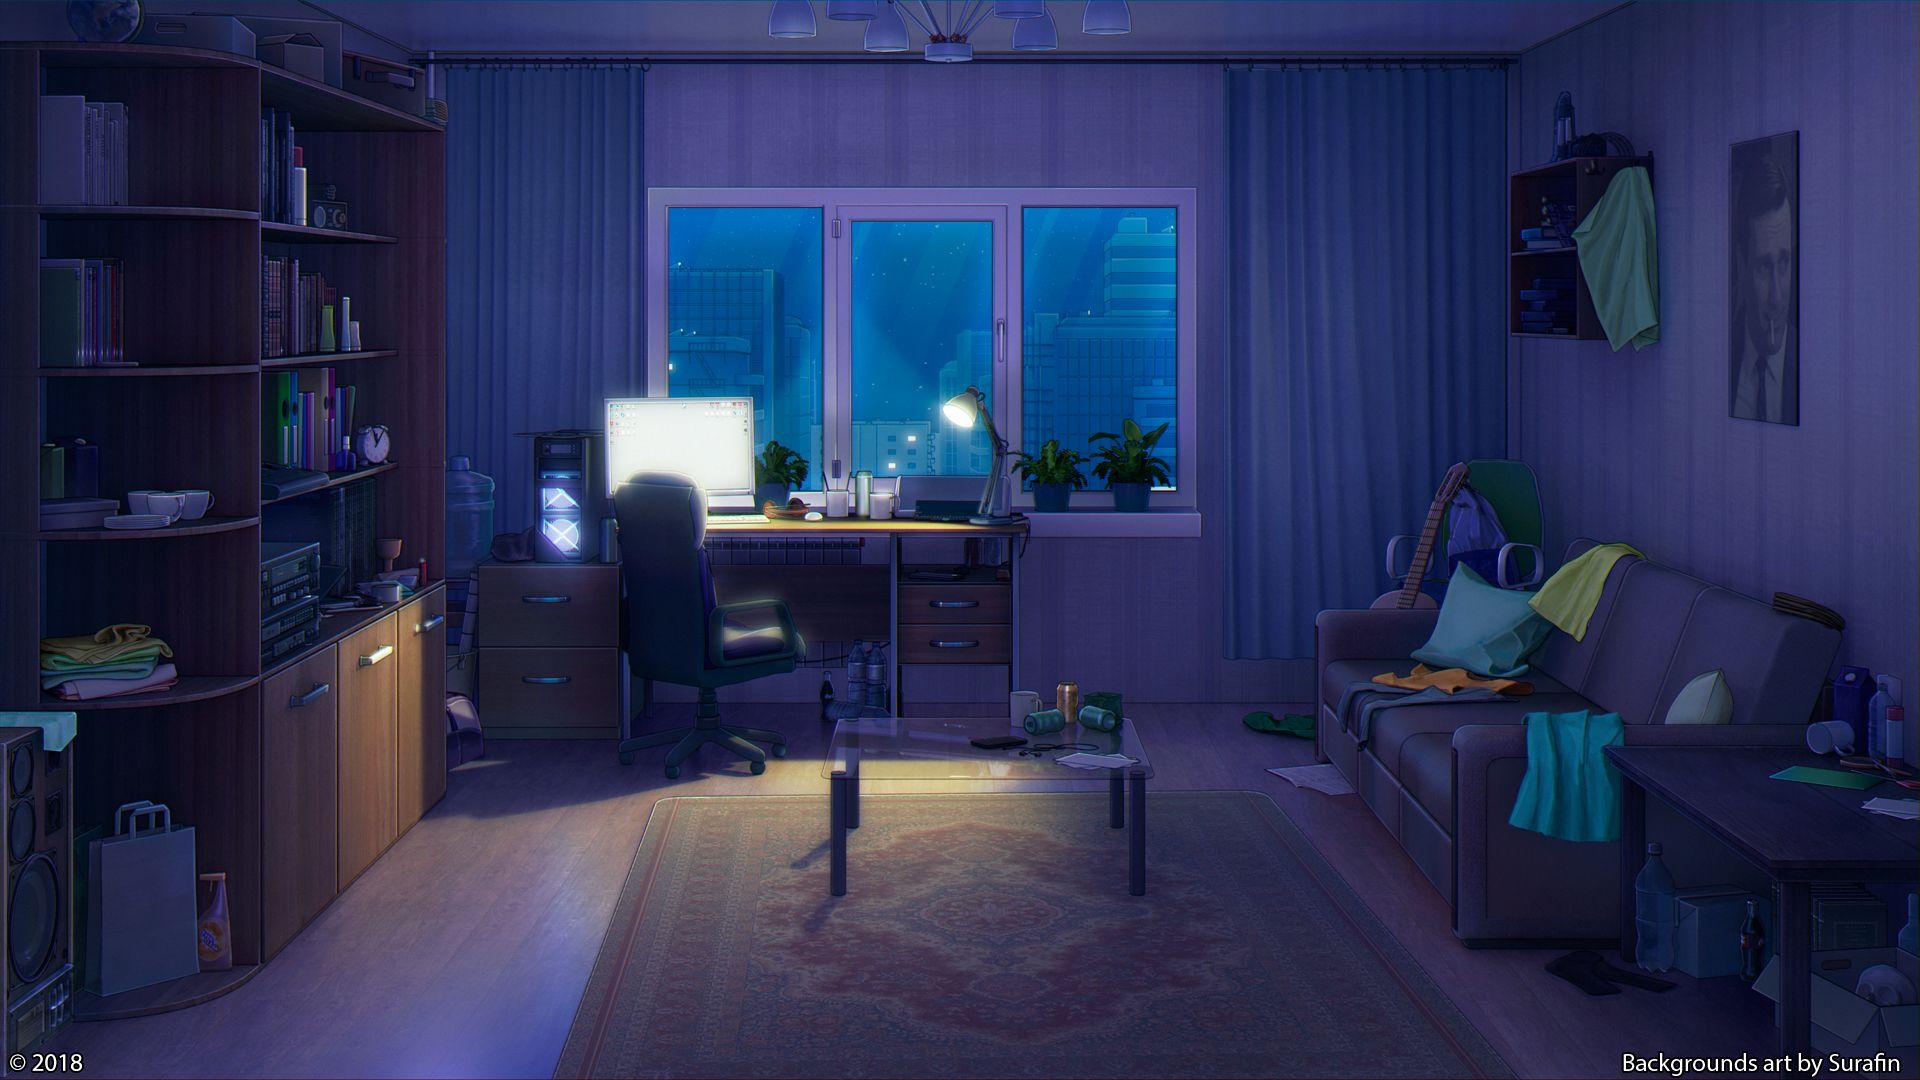 Living Room Night By Surafin On Deviantart In 2020 Living